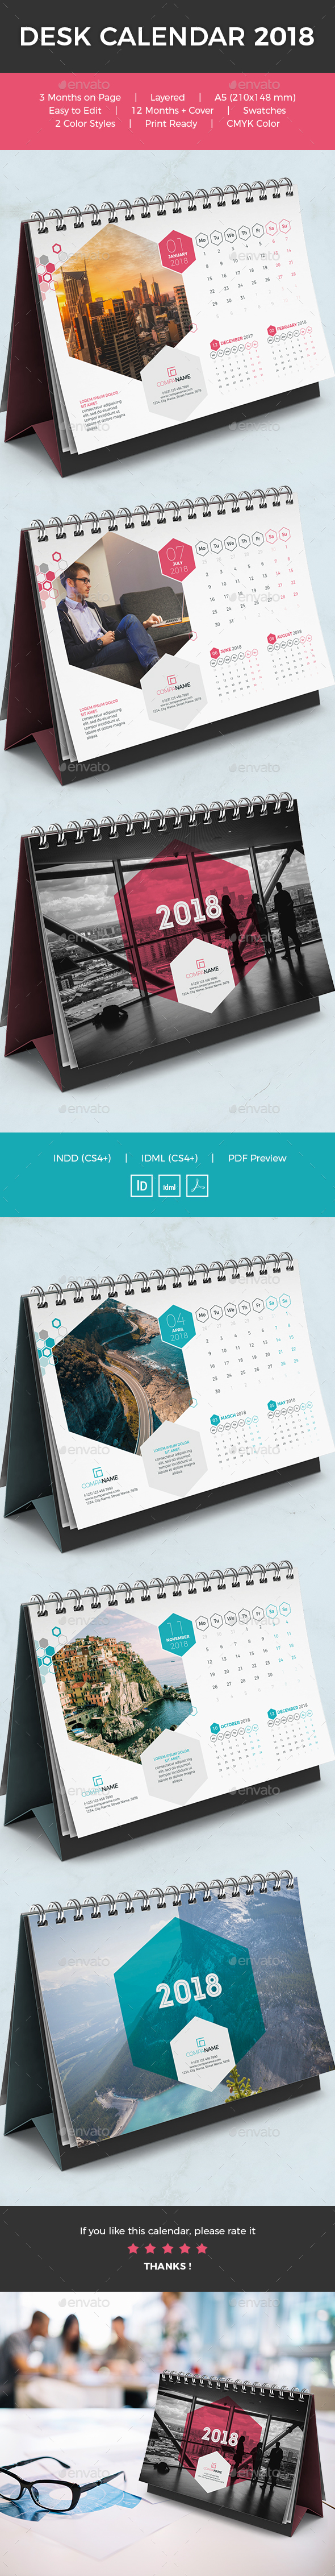 GraphicRiver Desk Calendar 2018 21053157